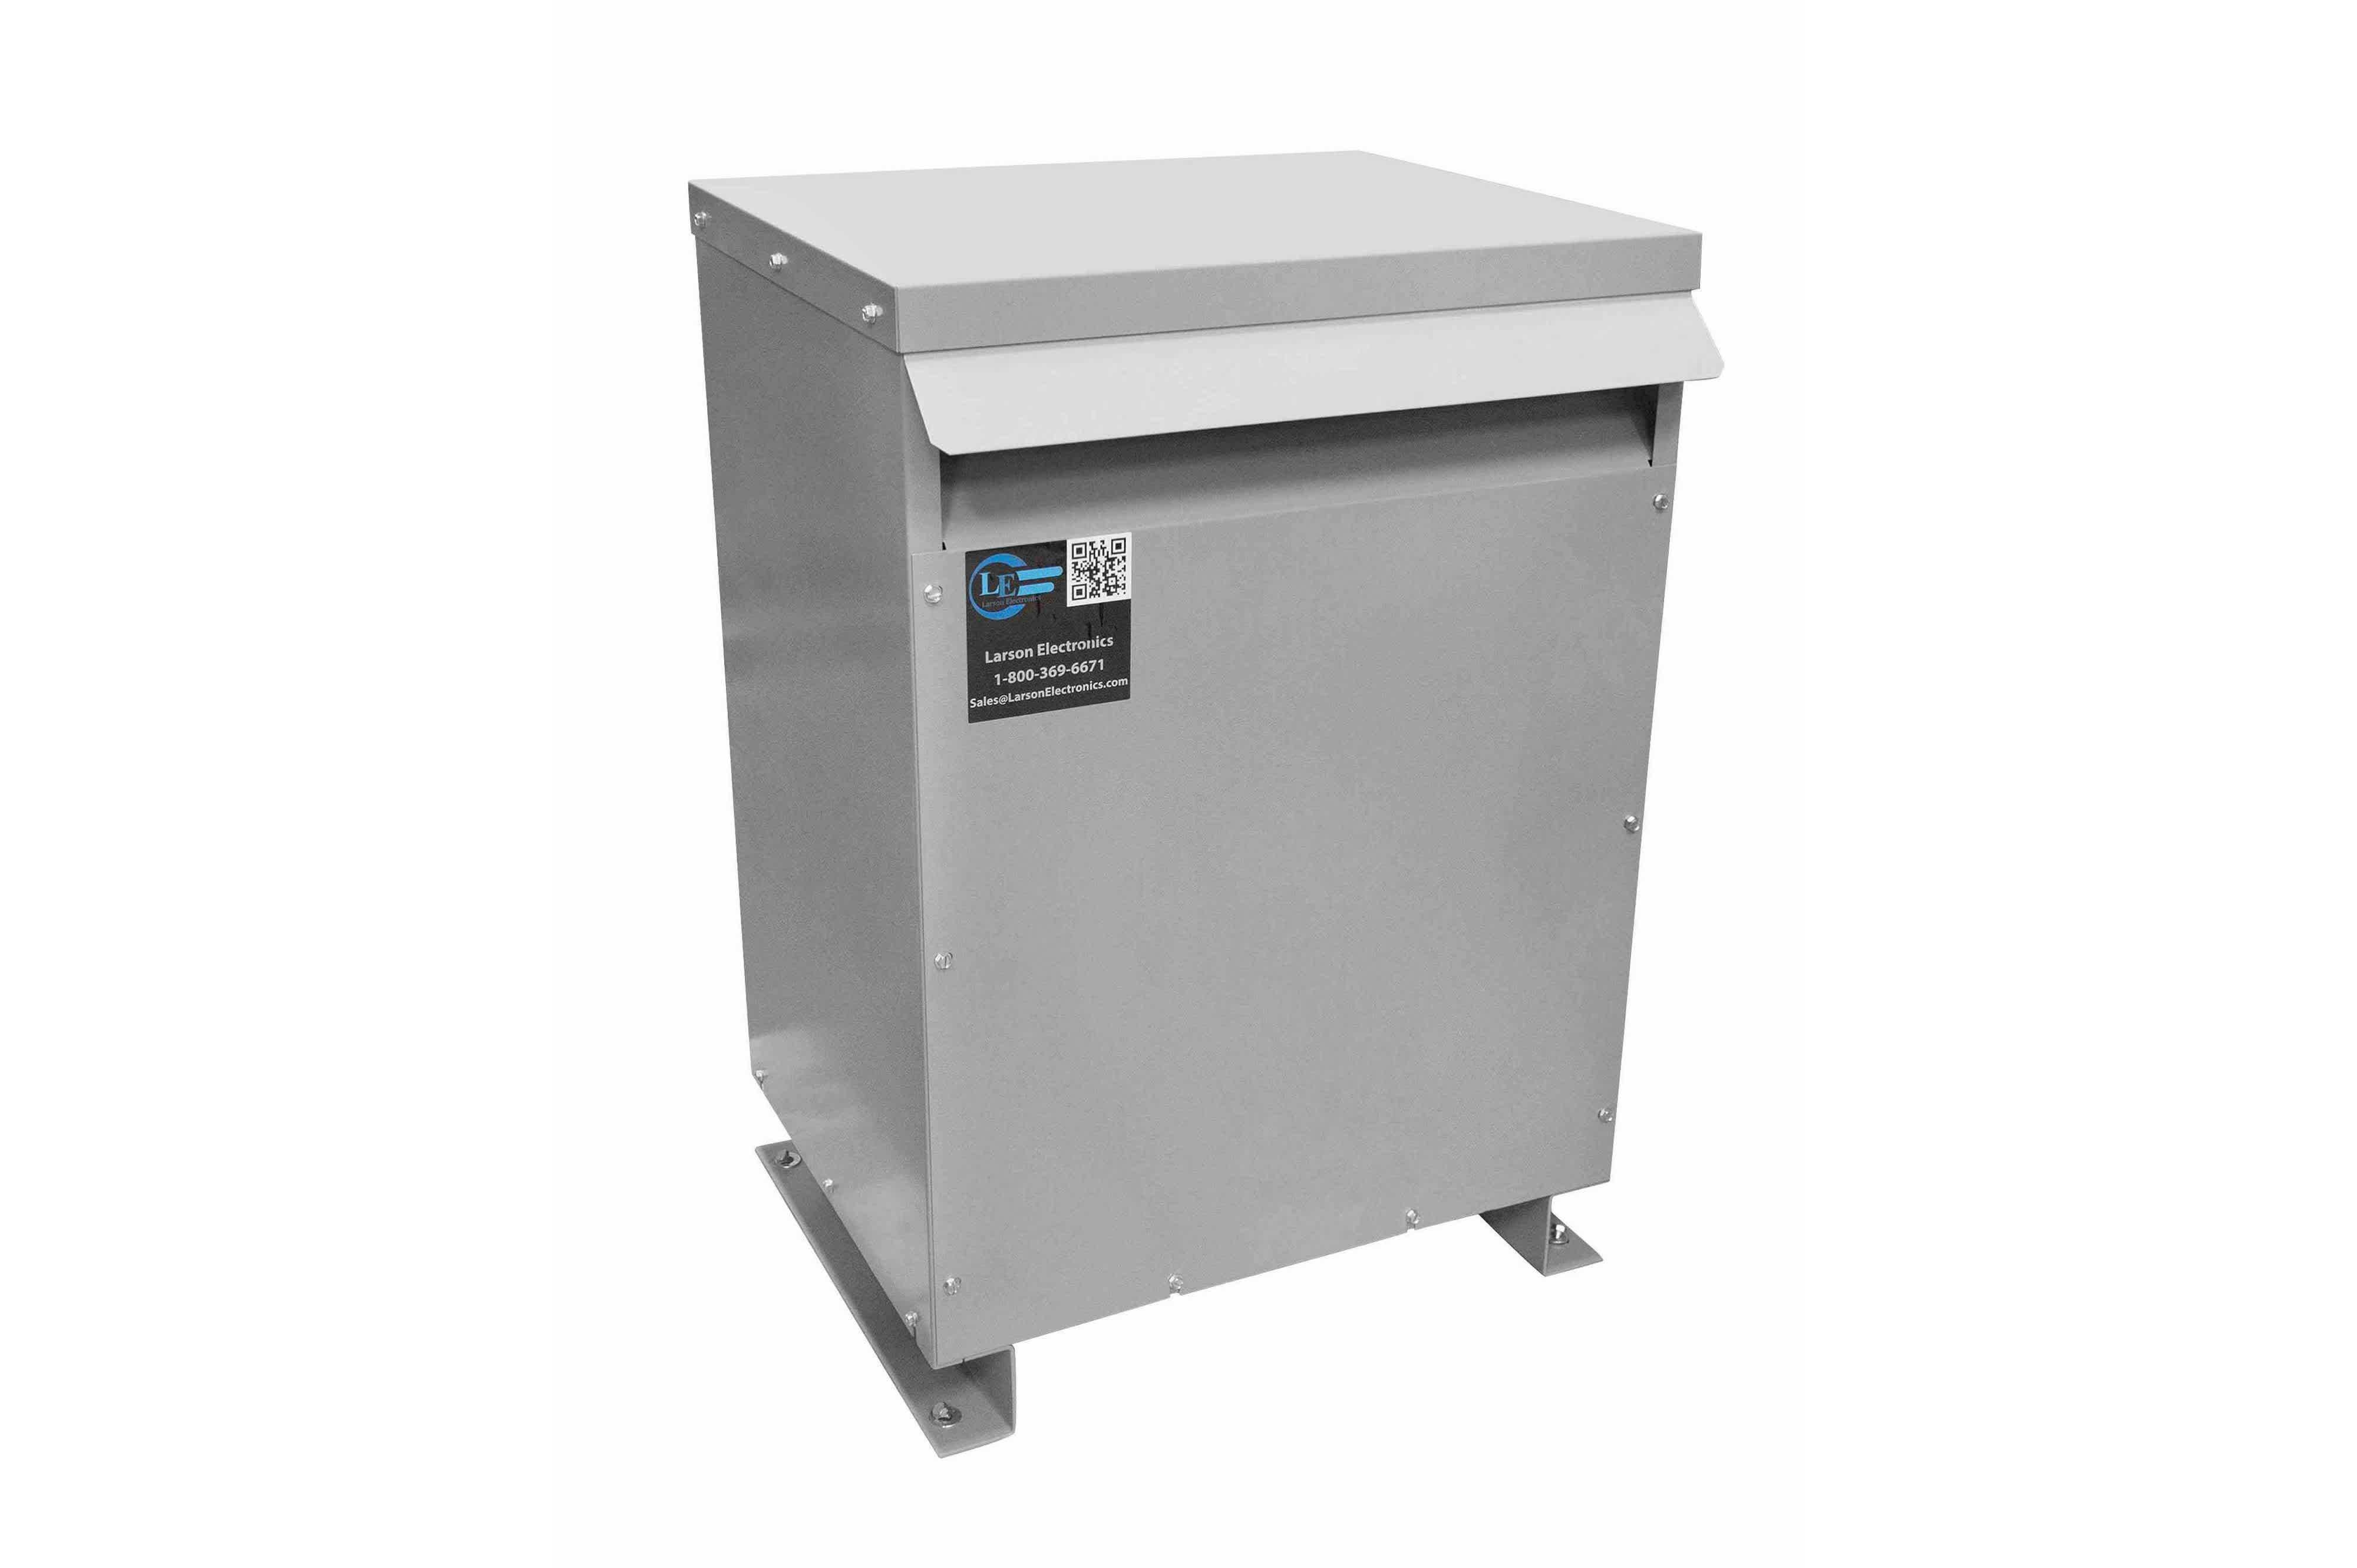 237.5 kVA 3PH Isolation Transformer, 480V Delta Primary, 575V Delta Secondary, N3R, Ventilated, 60 Hz